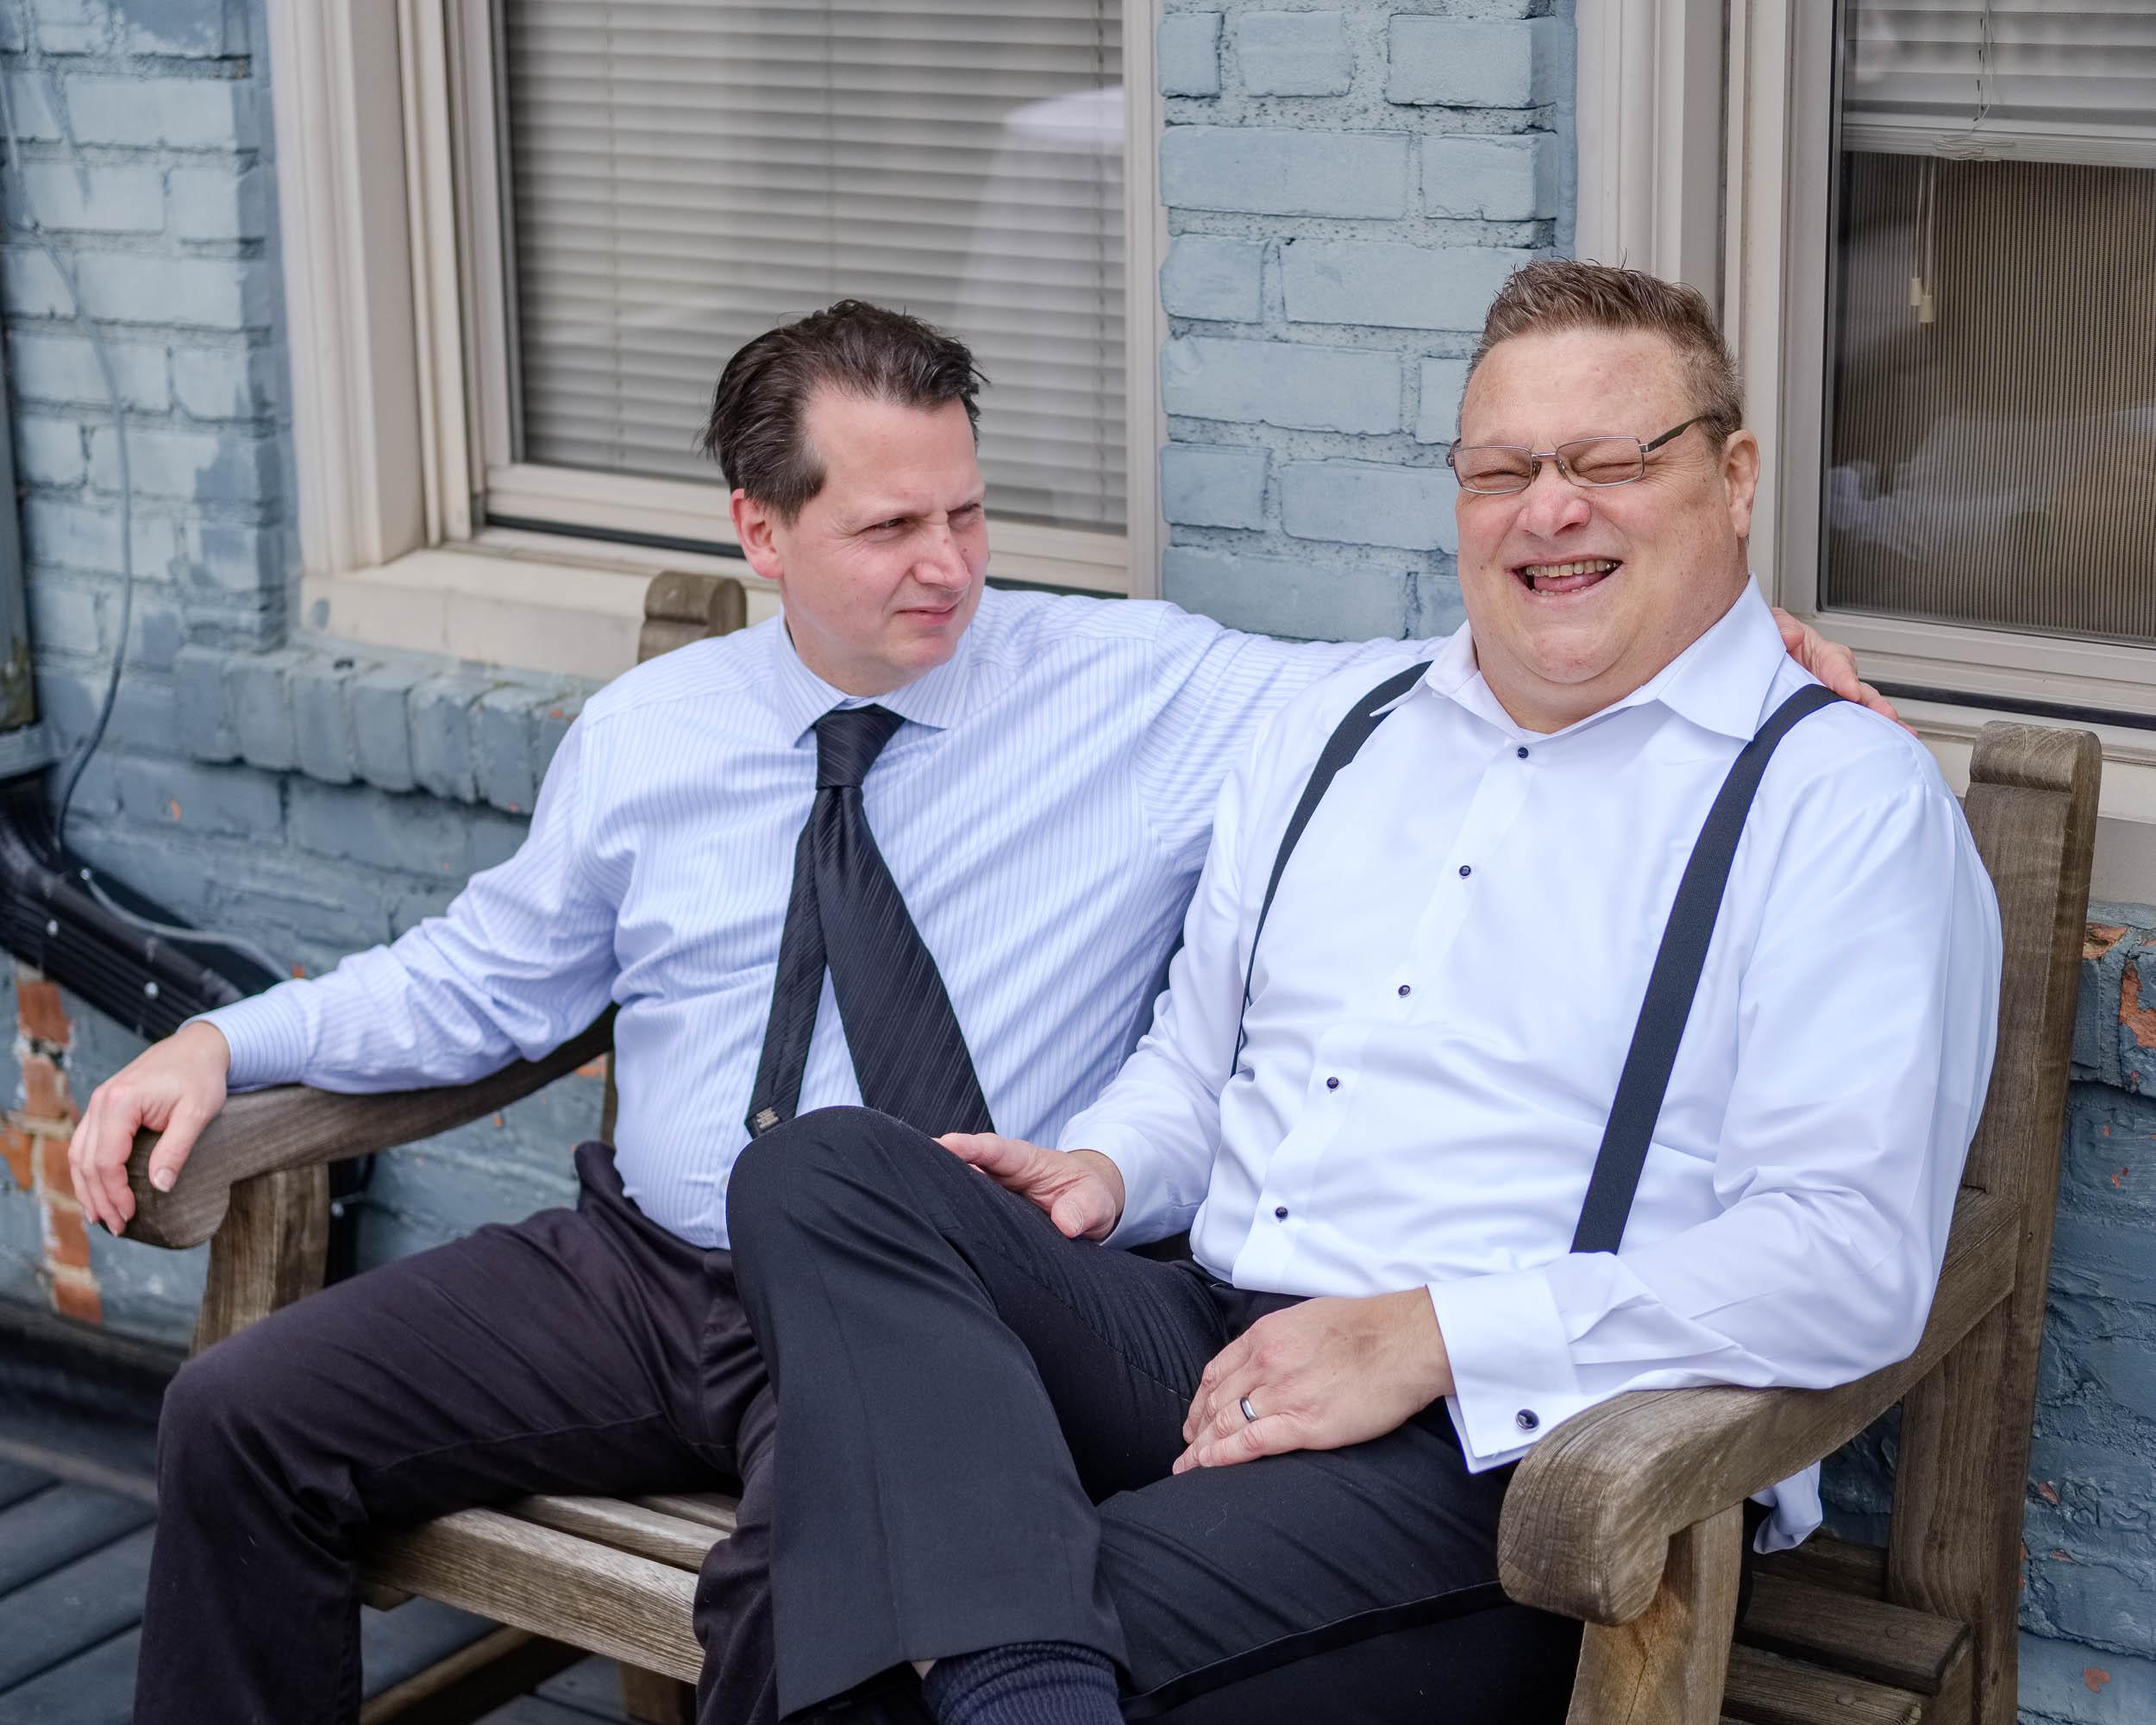 schmidt_wedding-1299.jpg